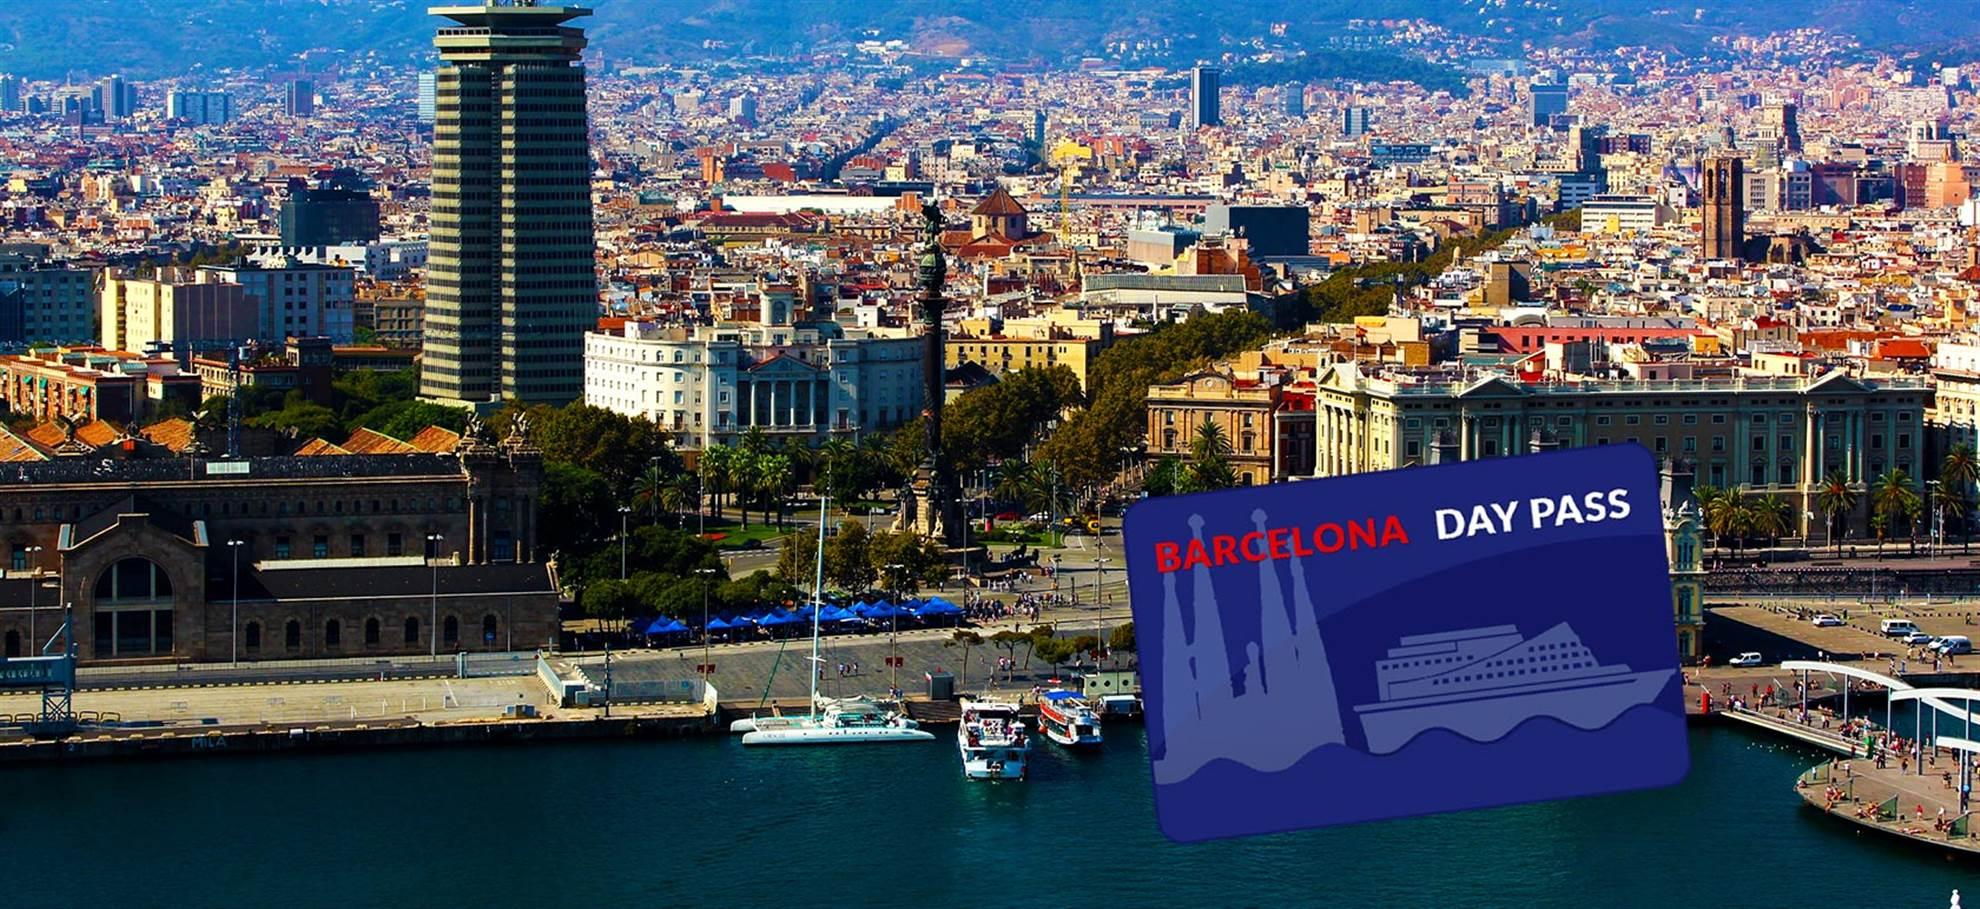 Дневной туристический пропуск в Барселону (Barcelona pass) из морского порта BCN